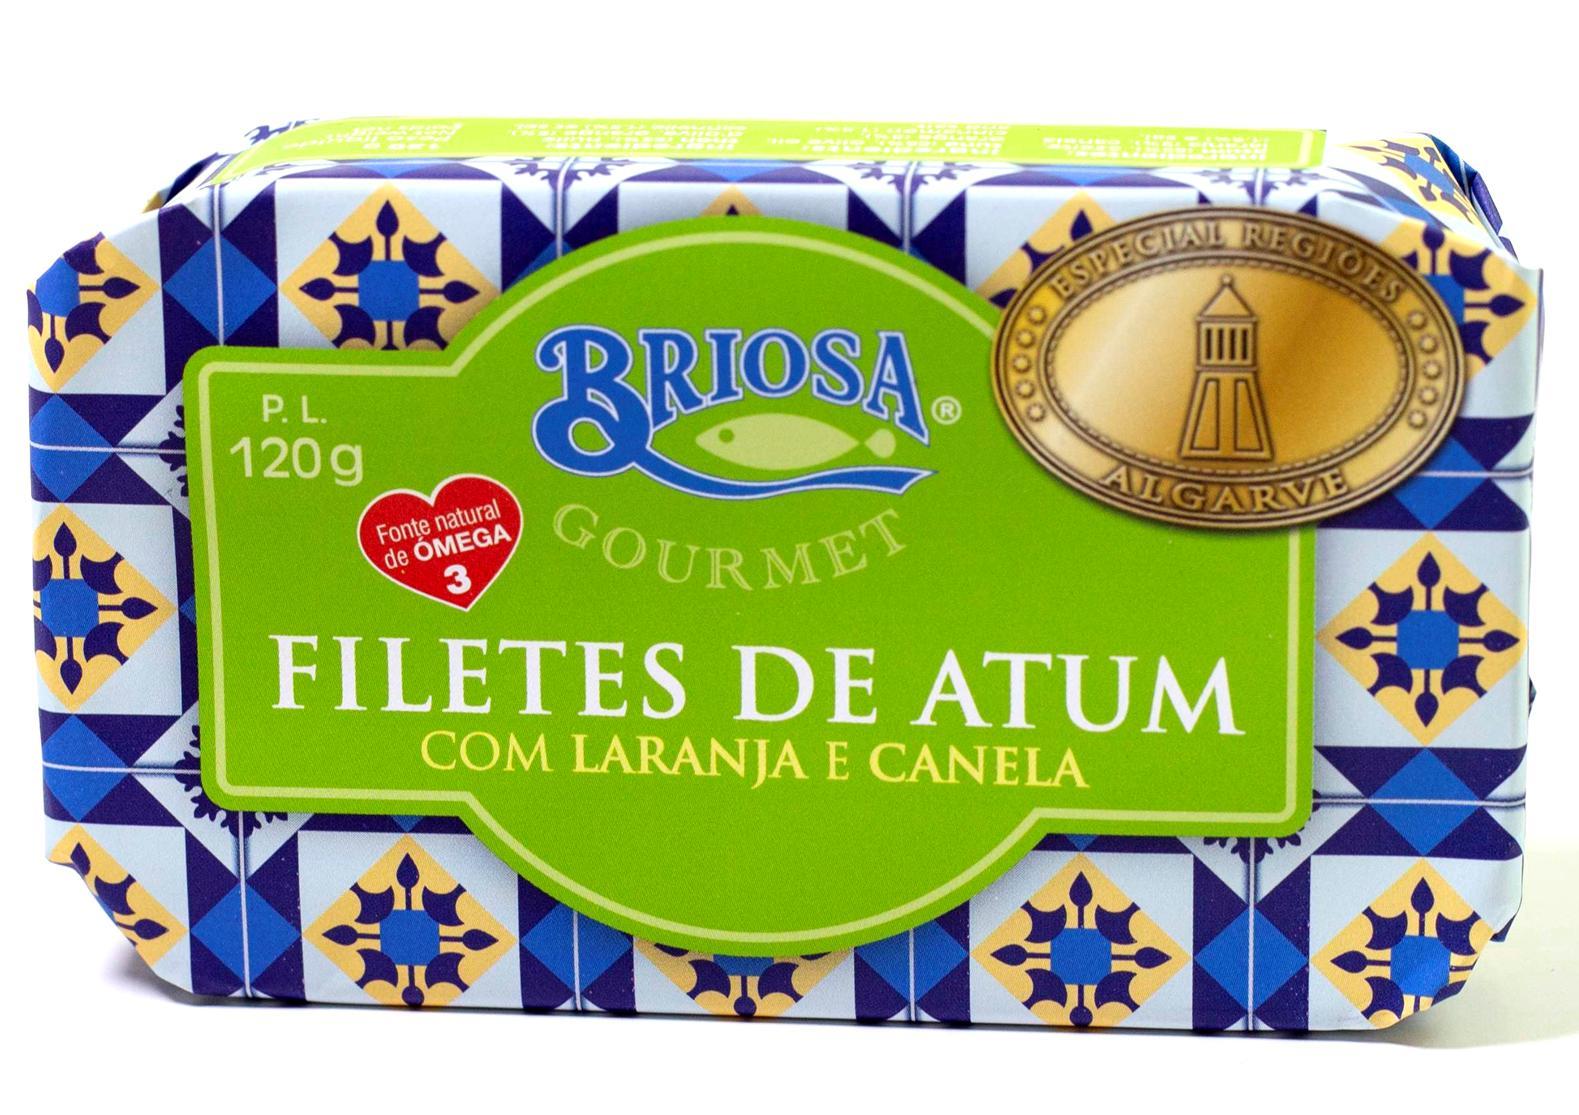 Filets de thon à la canelle et à l'orange - Briosa - Conserverie Portugal Norte - Conserves de sardines du Portugal